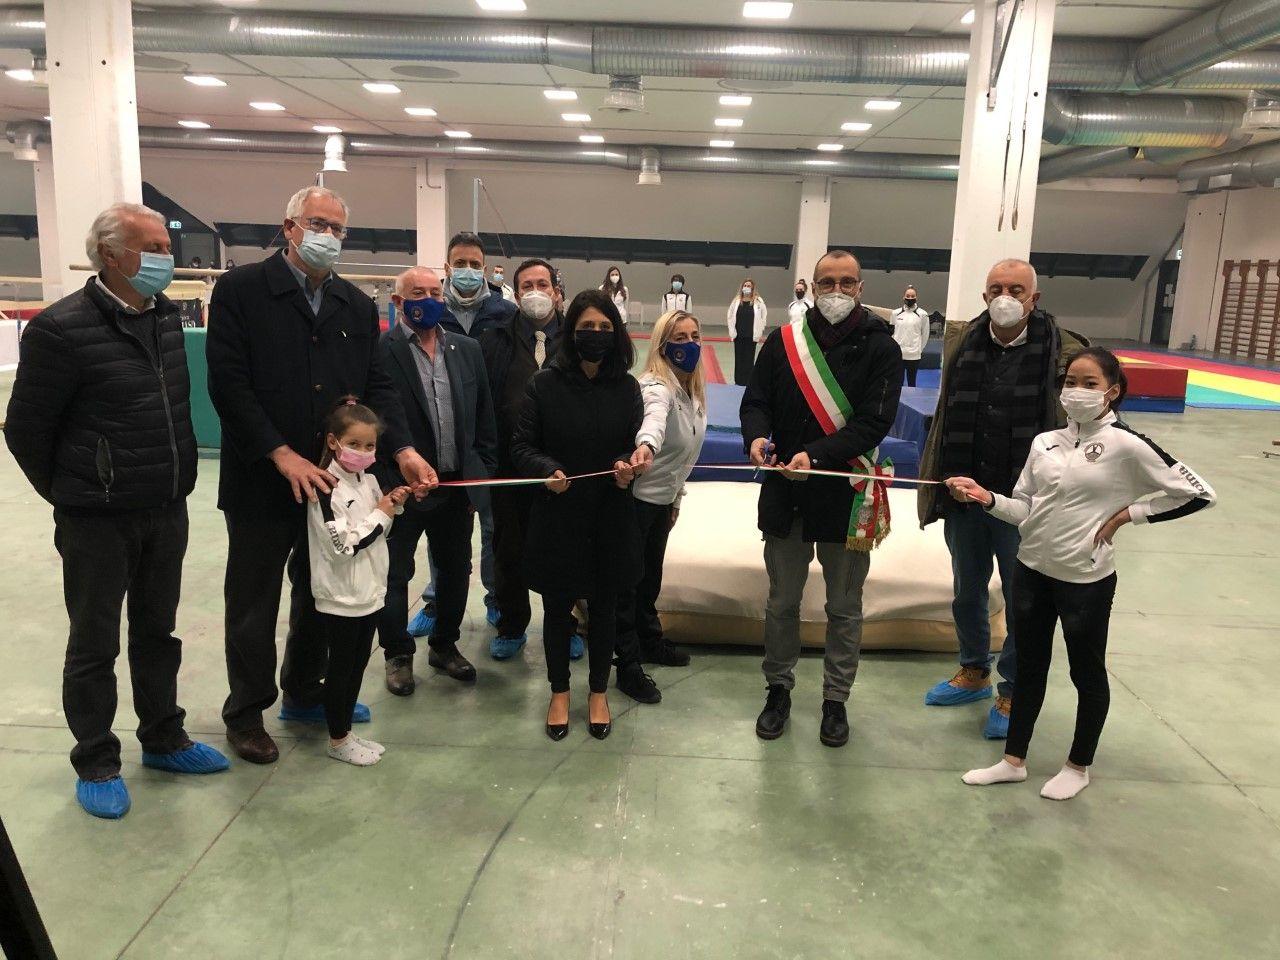 Ricci Della Dora Belloni ed altri al taglio del nastro inaugurale